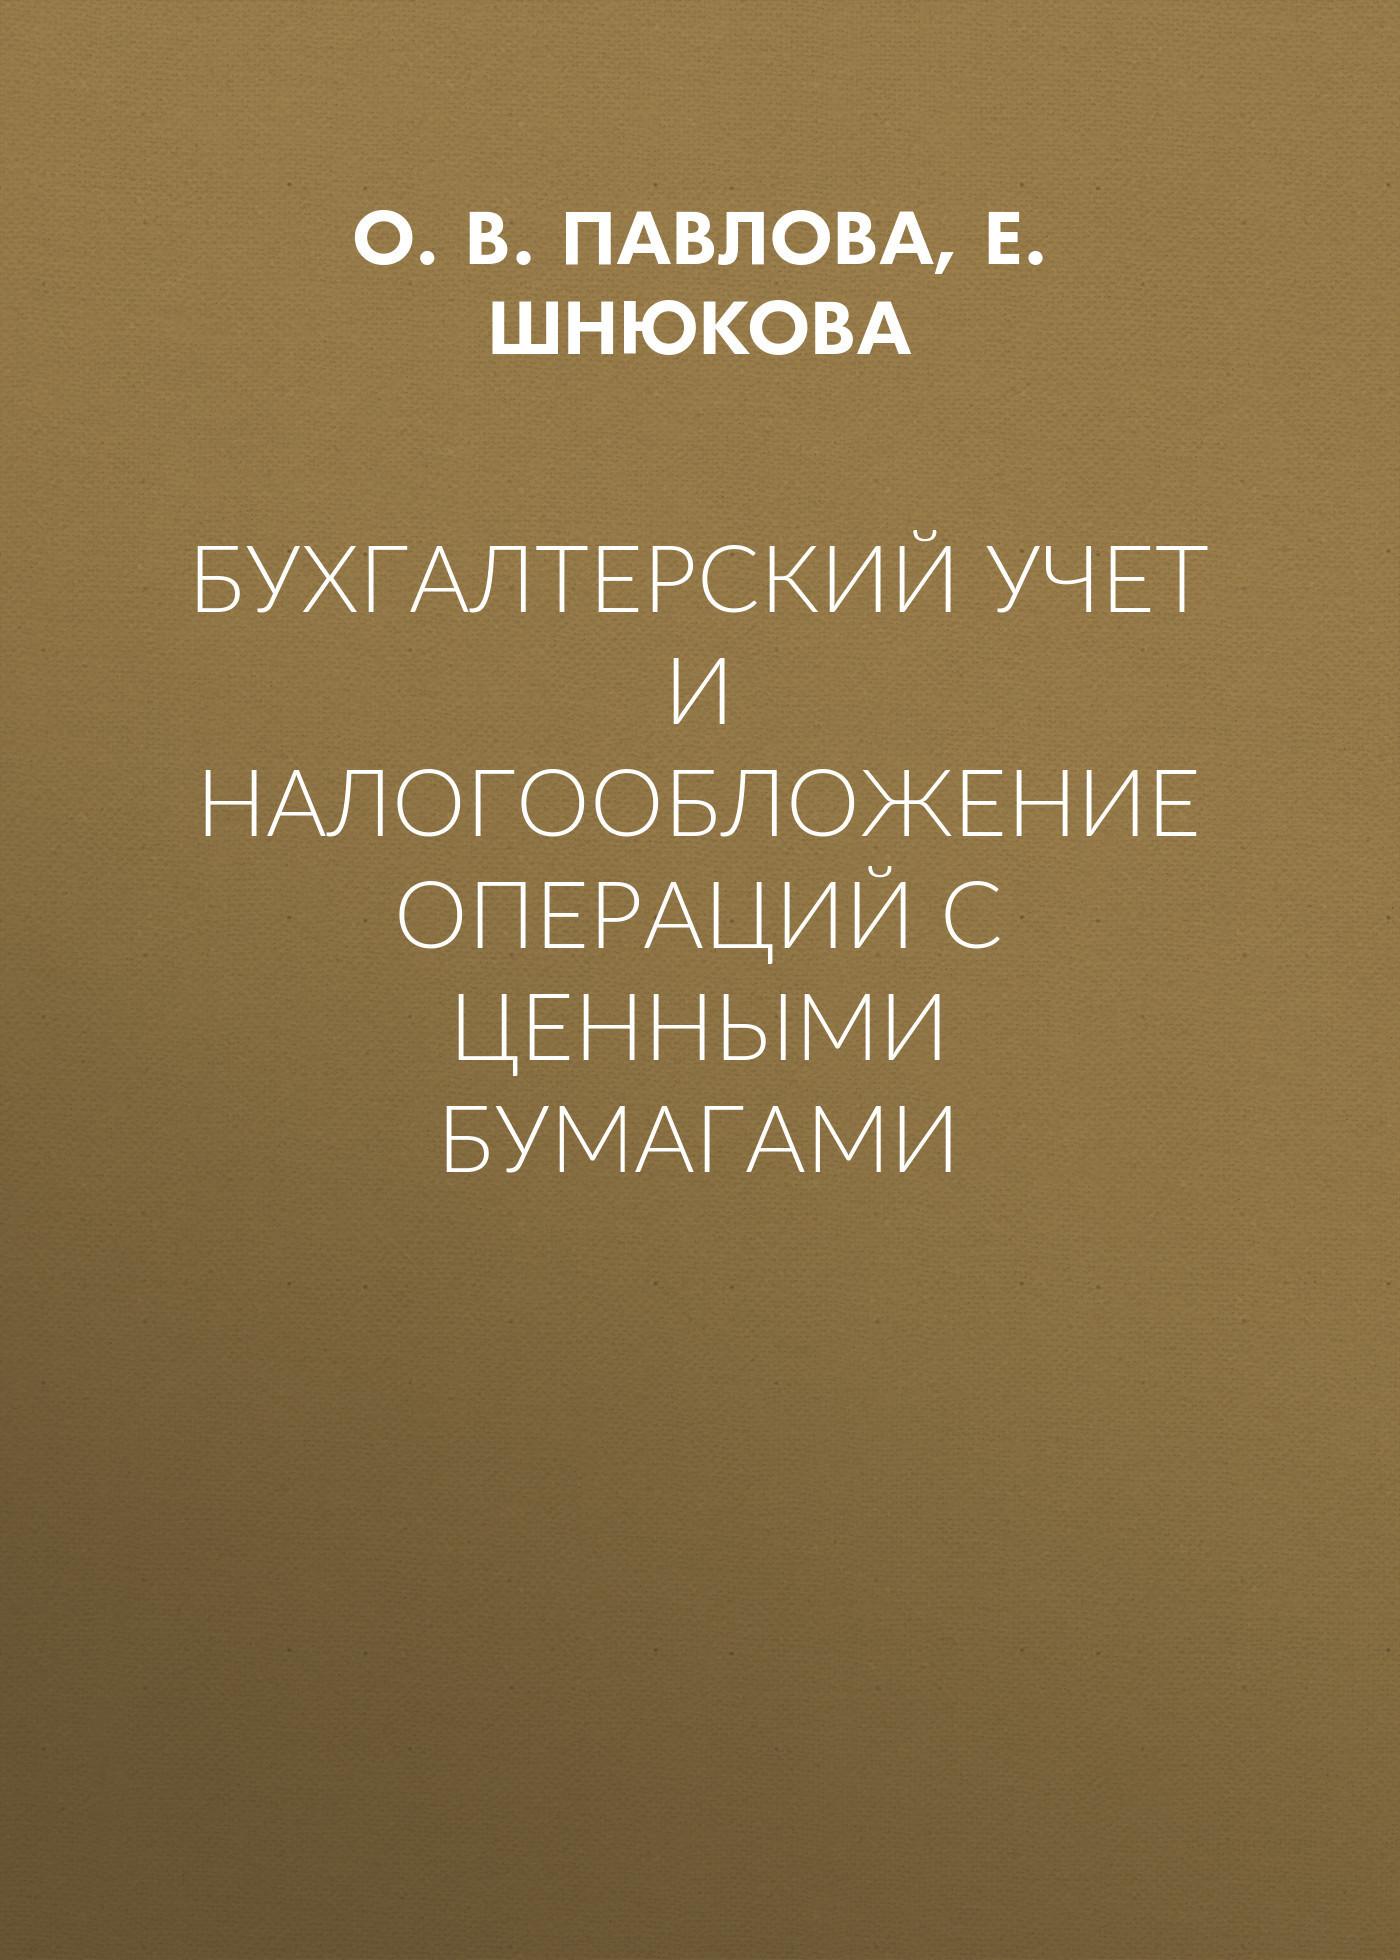 Е. Шнюкова, О. Павлова - Бухгалтерский учет и налогообложение операций с ценными бумагами